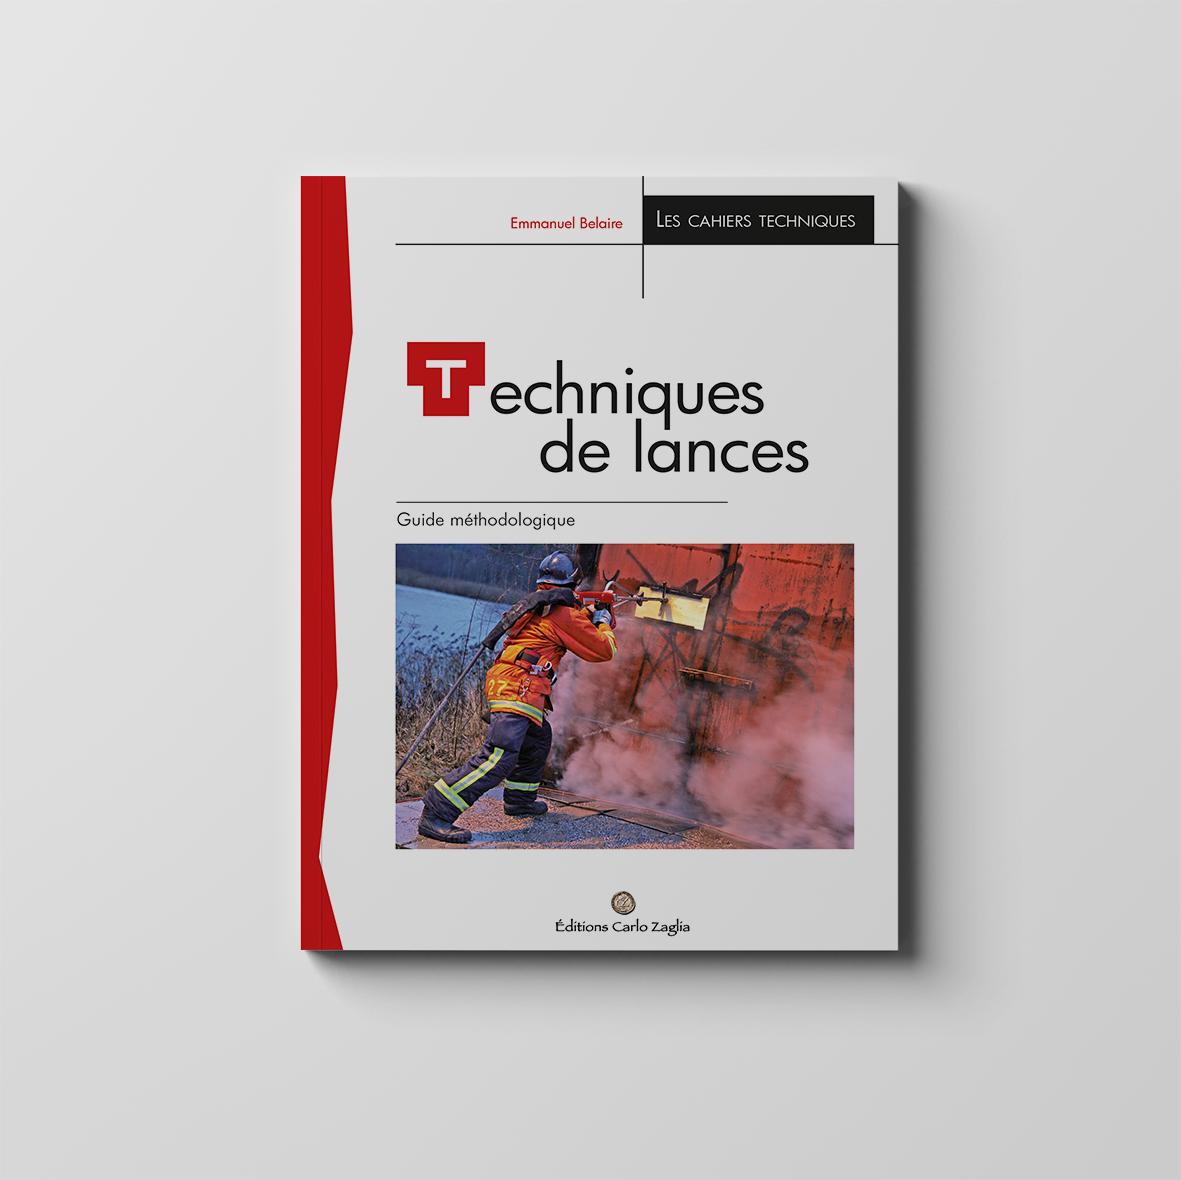 Techniques de lances